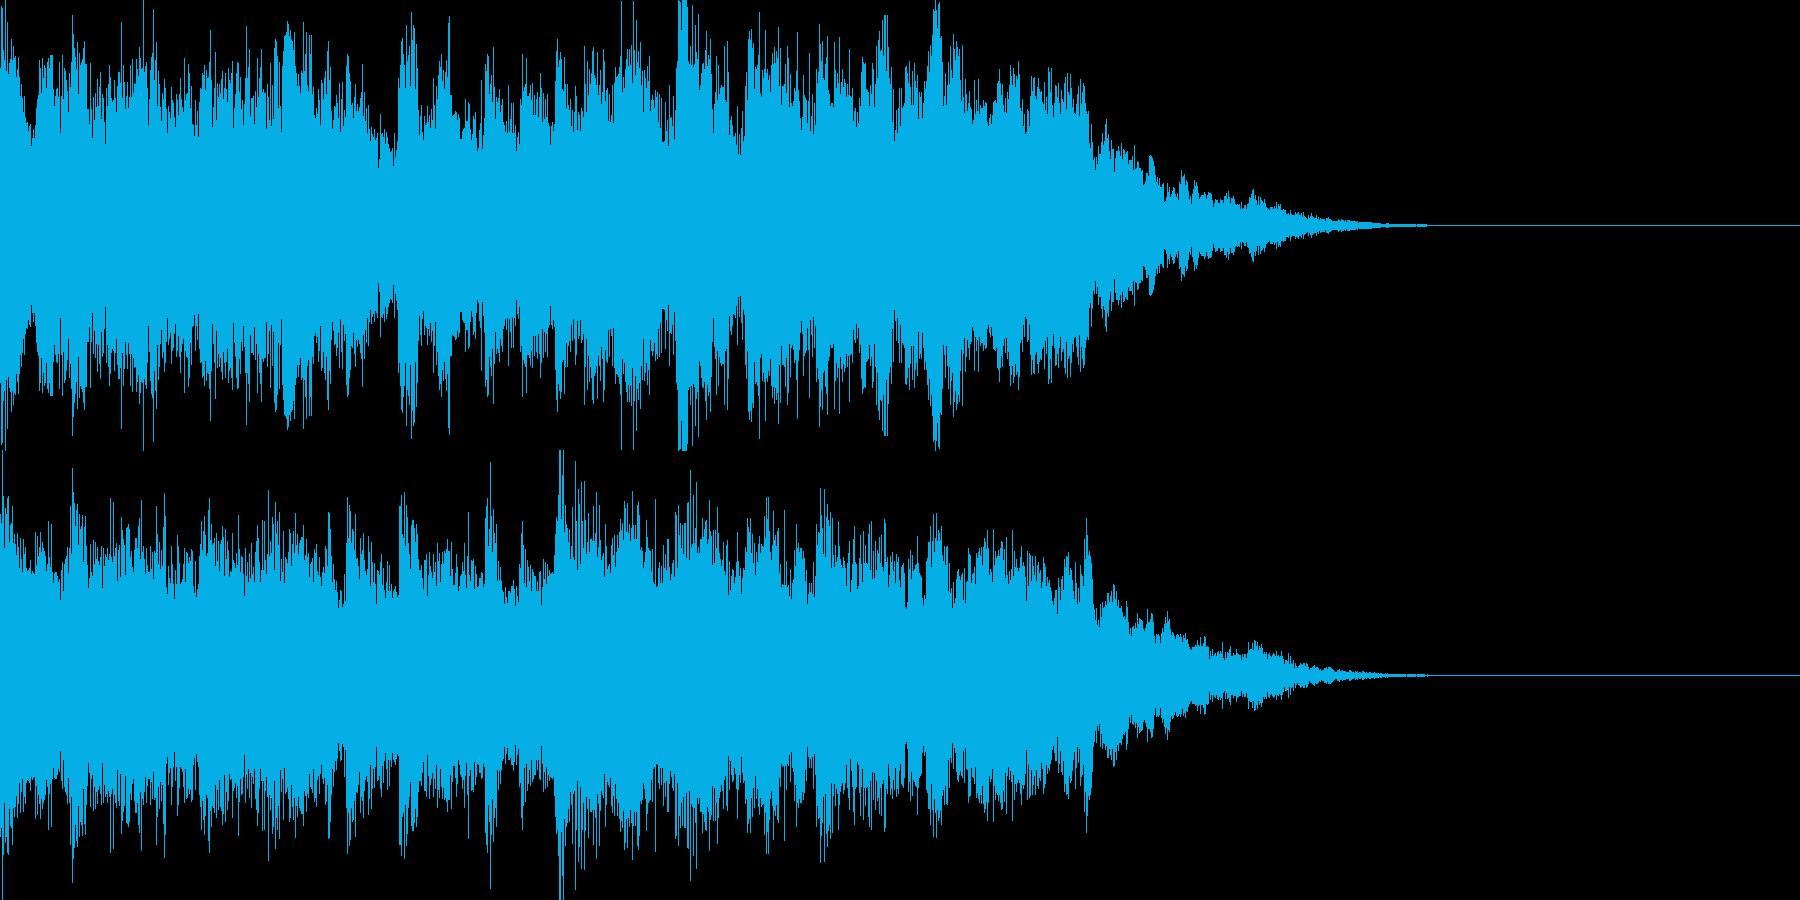 太陽と海の2019年版の再生済みの波形